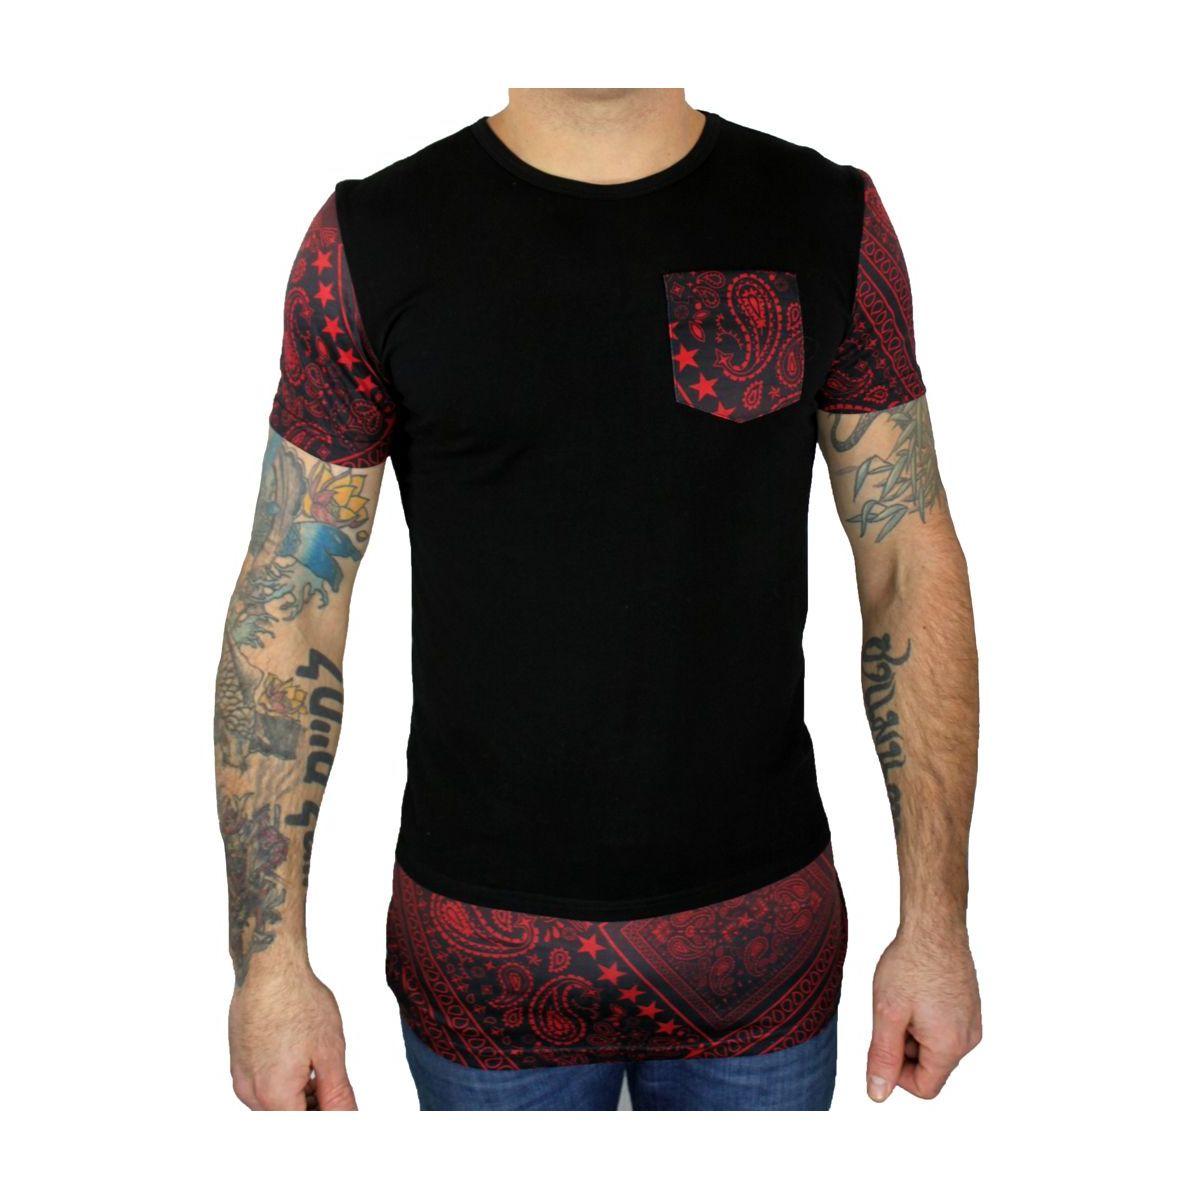 tee shirt oversize noir rouge. Black Bedroom Furniture Sets. Home Design Ideas